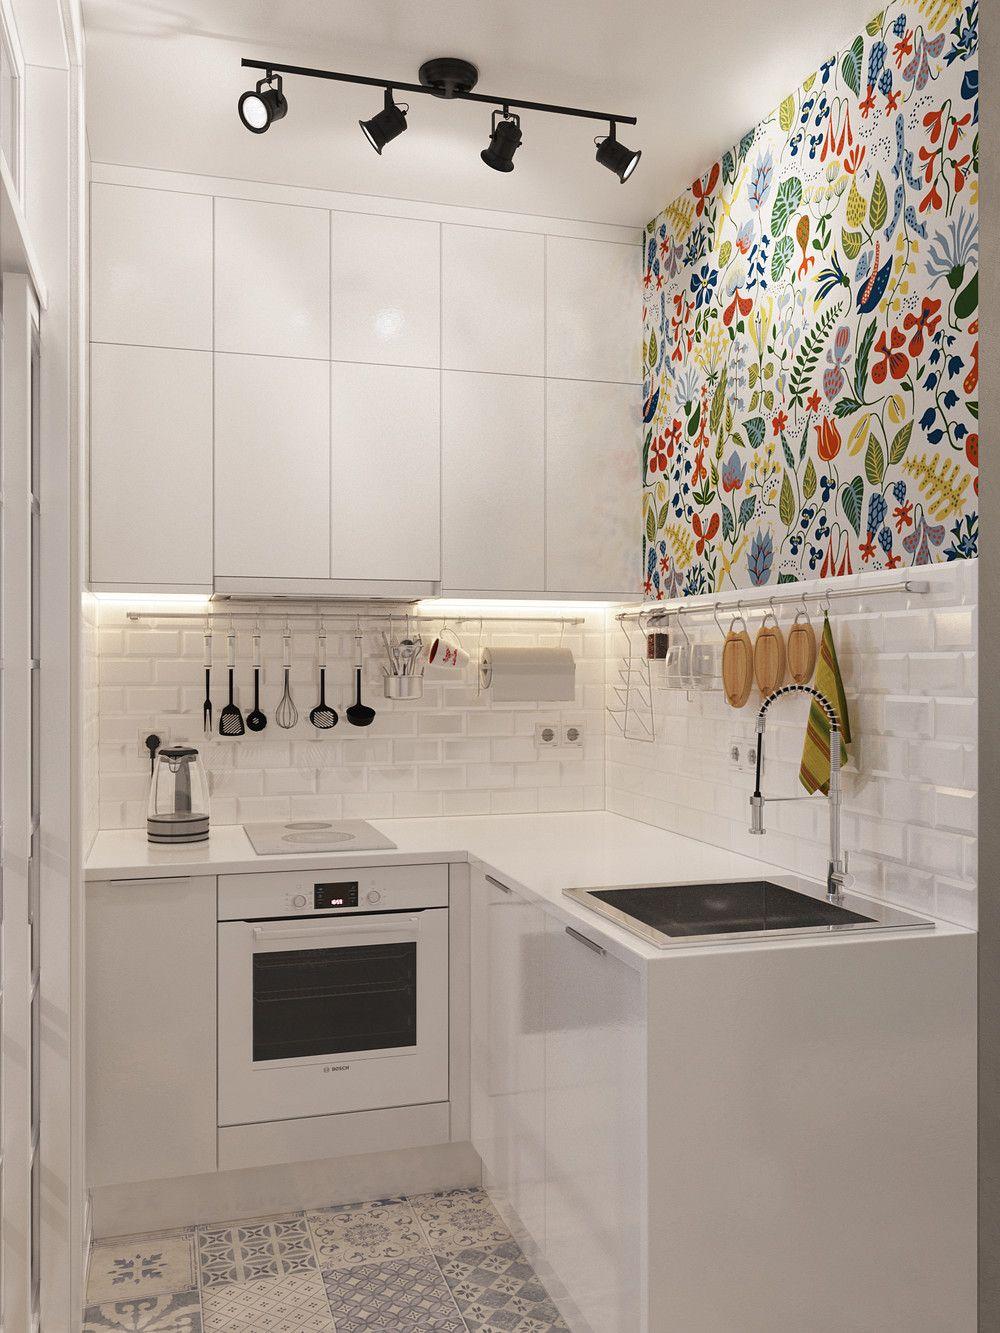 دکوراسیون آشپزخانه کوچک - استفاده از رنگ سفید